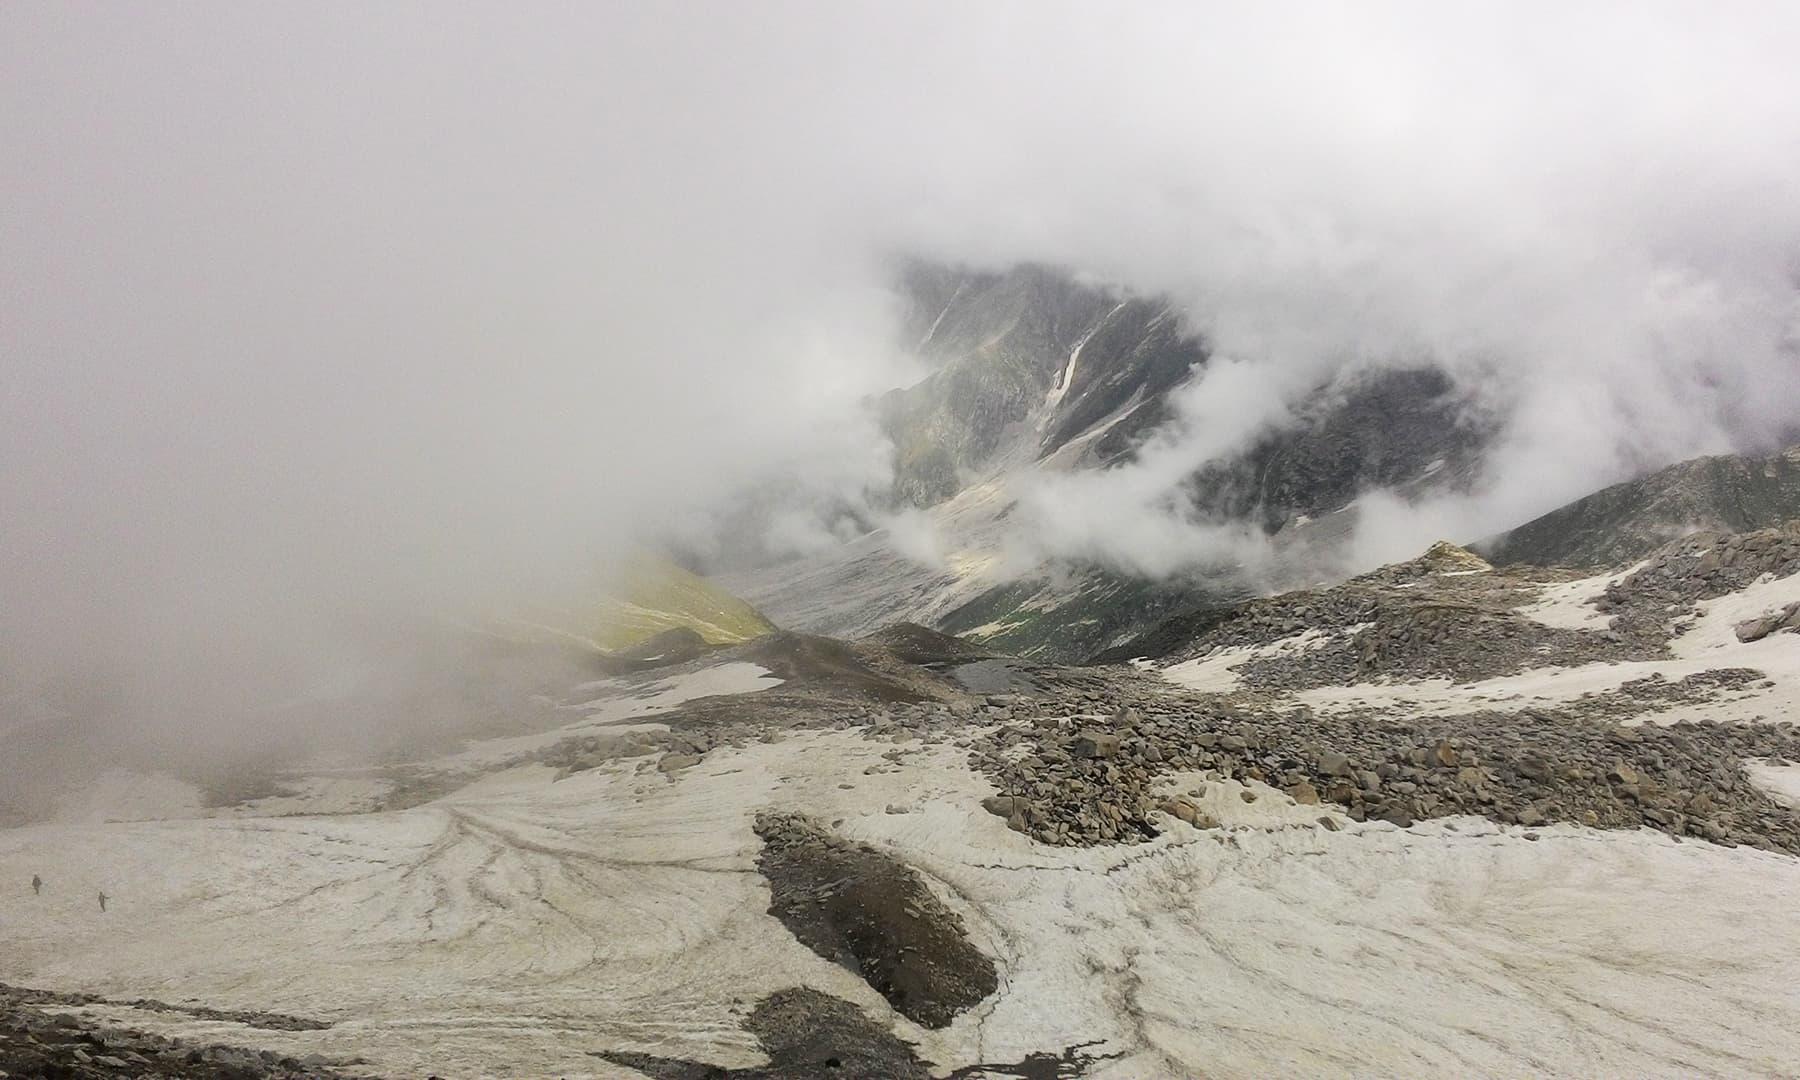 مشکل ترین چڑھائی کو بالاخر ہم سر کرنے میں کامیاب ہوئے—تصویر عظمت اکبر